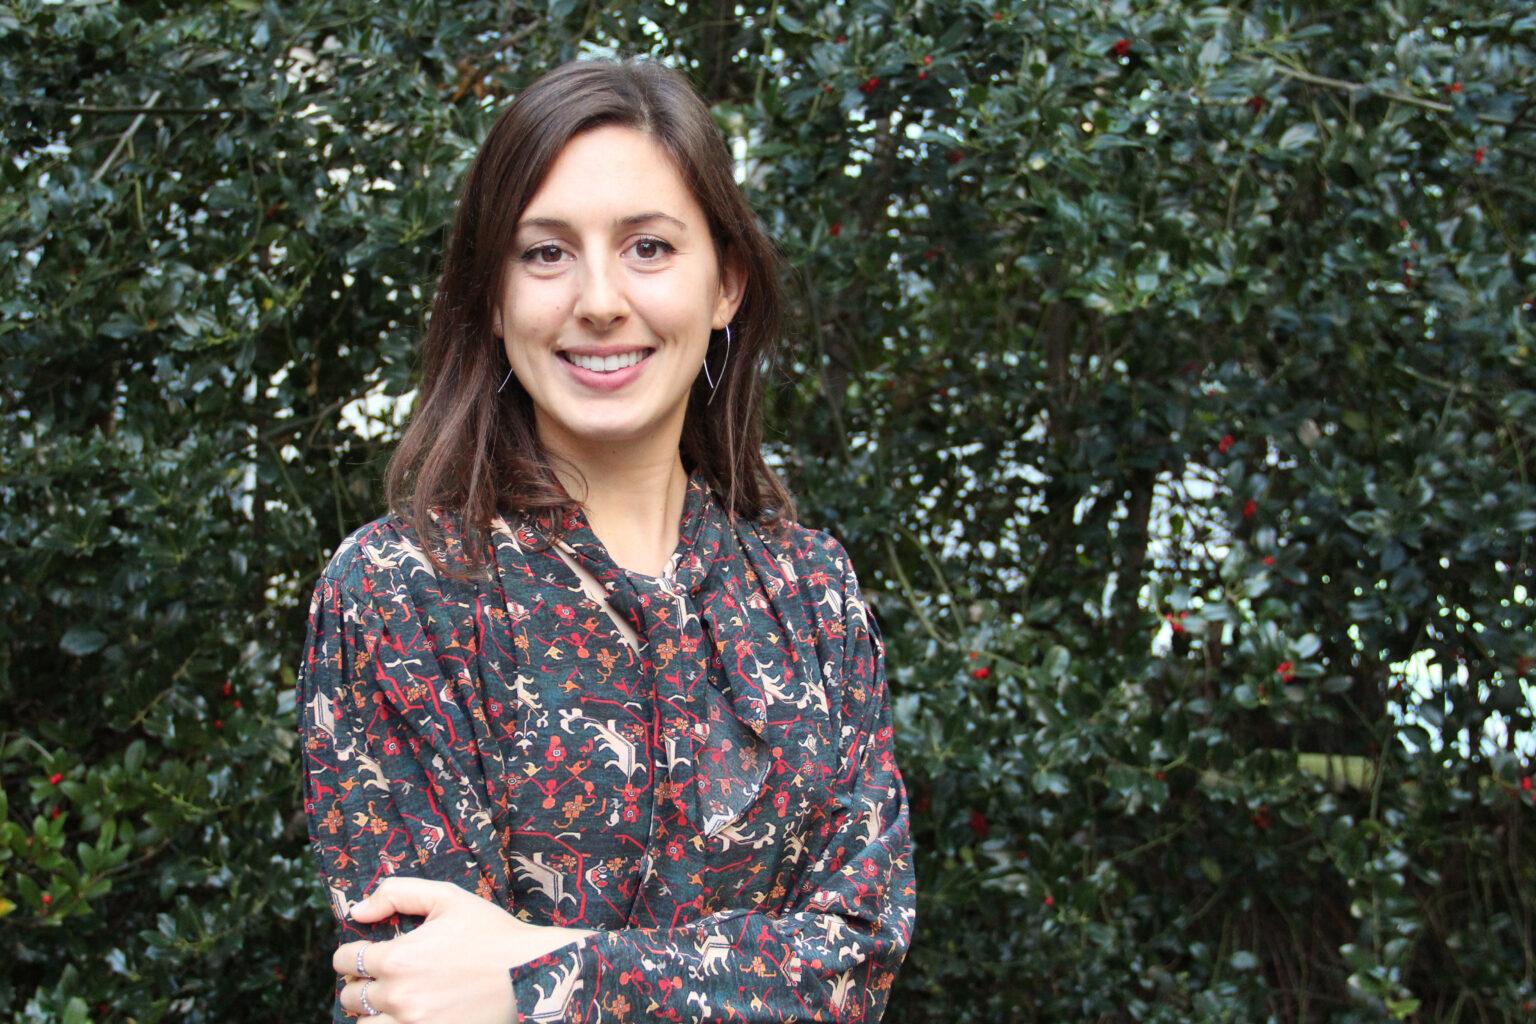 Ludovica Pinci